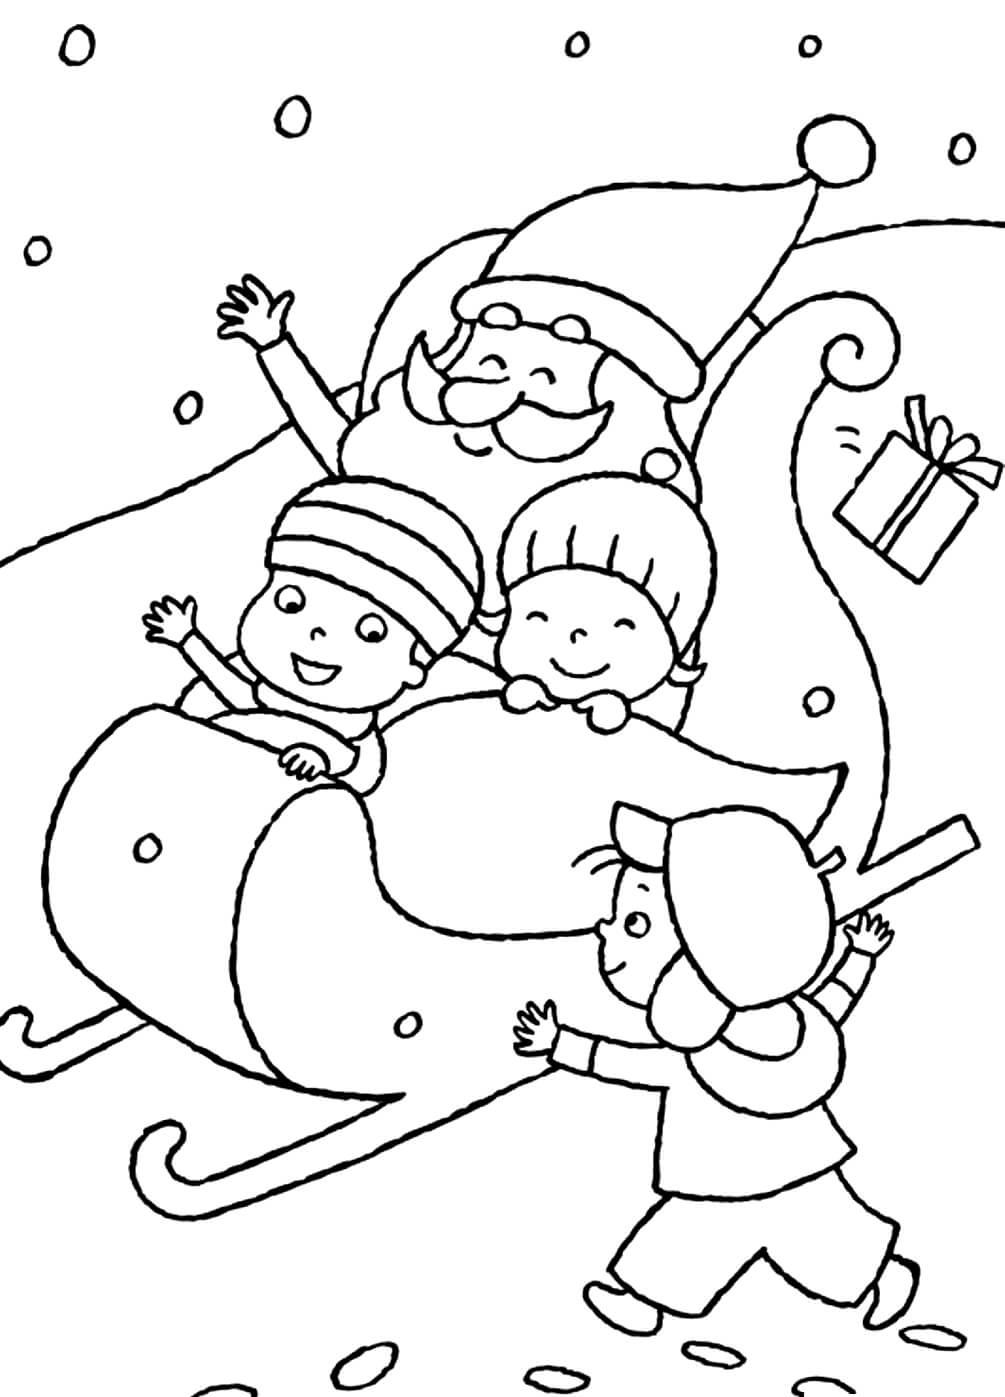 Раскраска Санта Клаус катает детей на санях